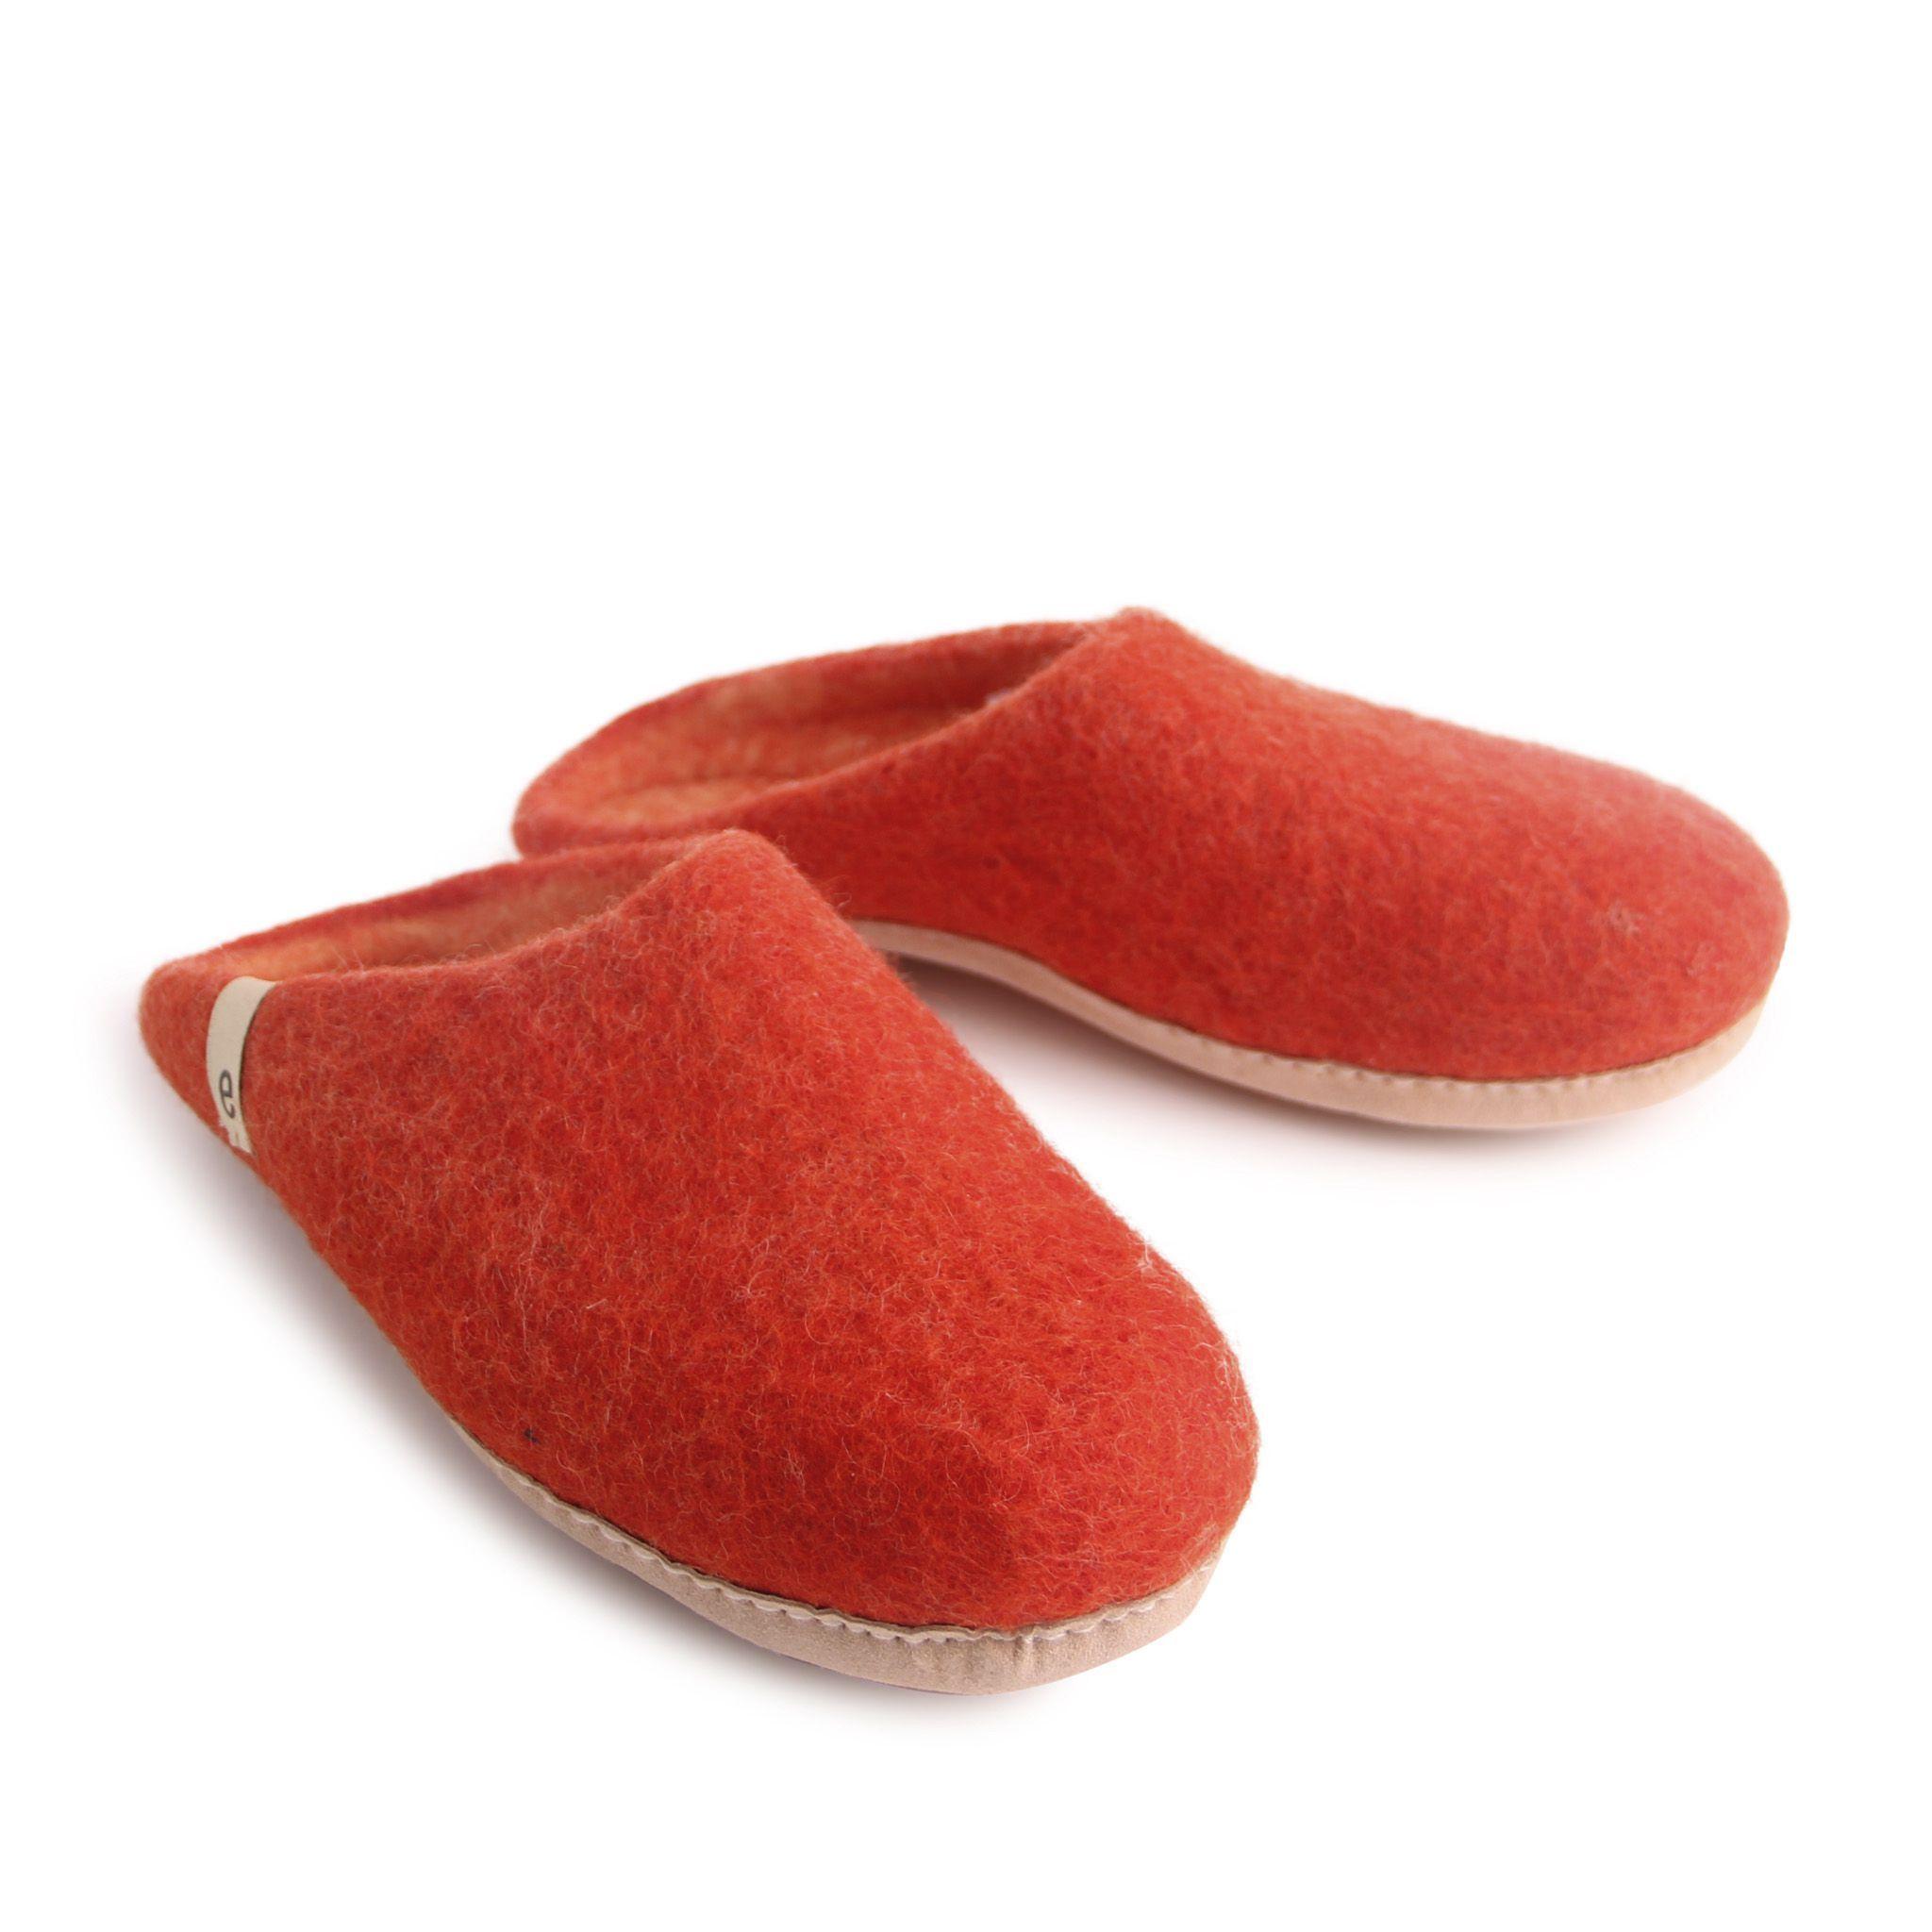 Egos Slip-on Indoor Shoe Simple in Rusty Red